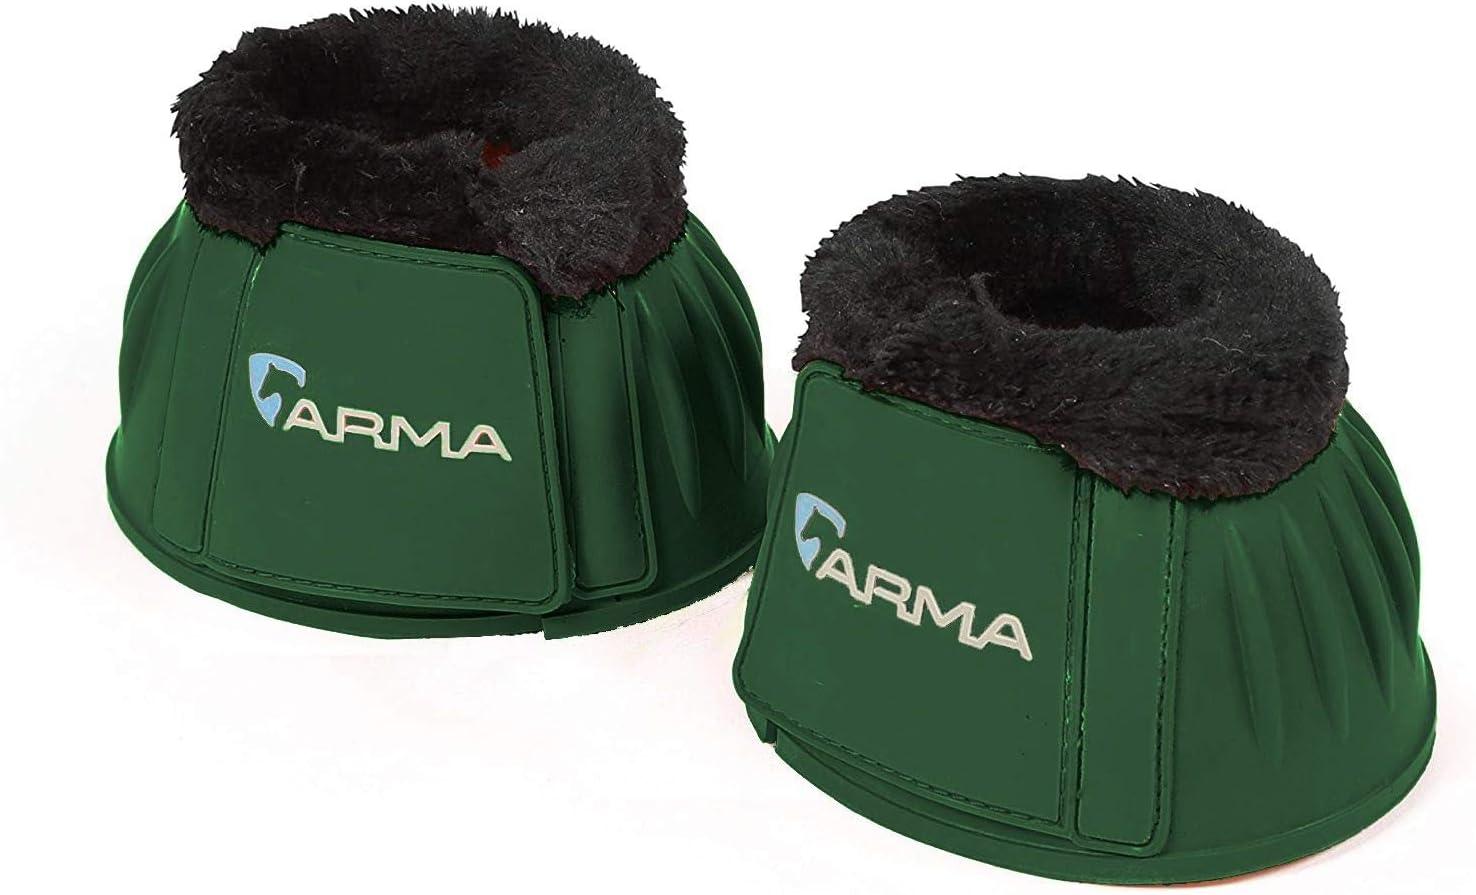 Shires Over Reach//Fleece Trim boots-134F Green black fur Cob